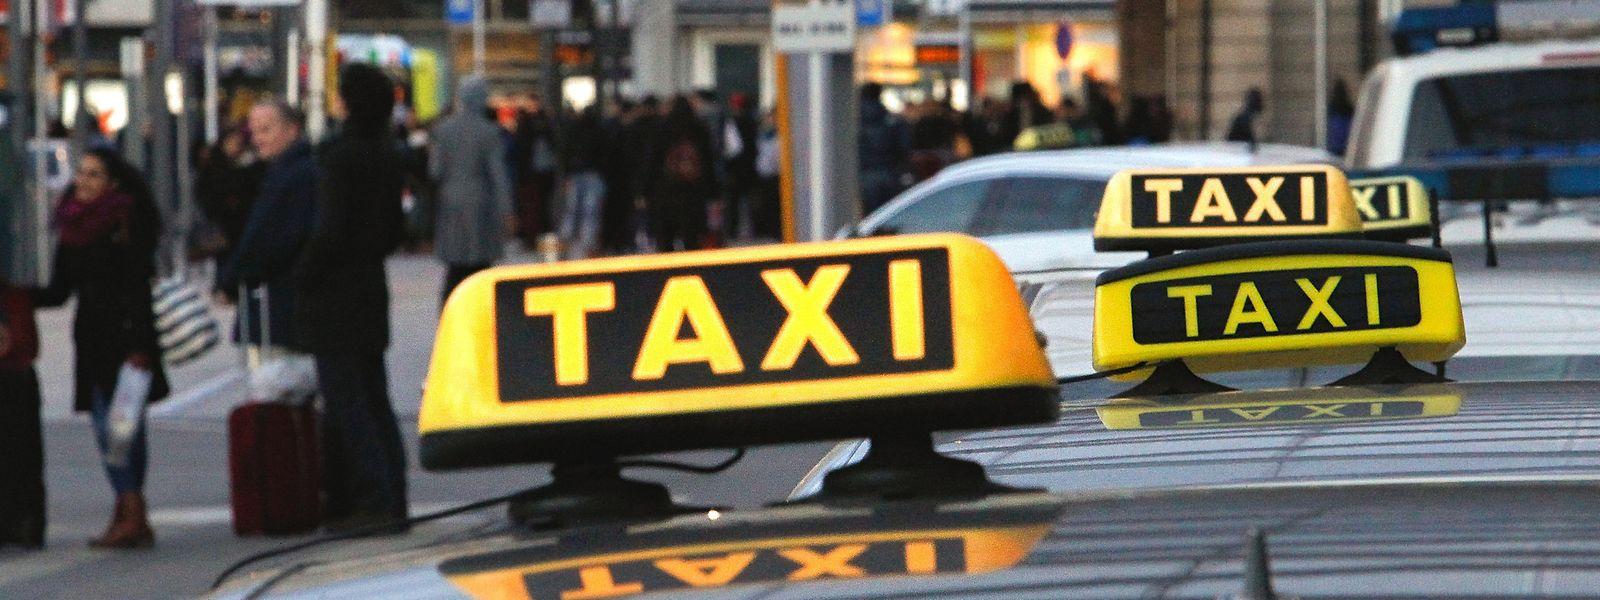 La Fédération des taxis craint de ne pas retrouver son rythme commercial de sitôt, même avec l'assouplissement des mesures sanitaires.